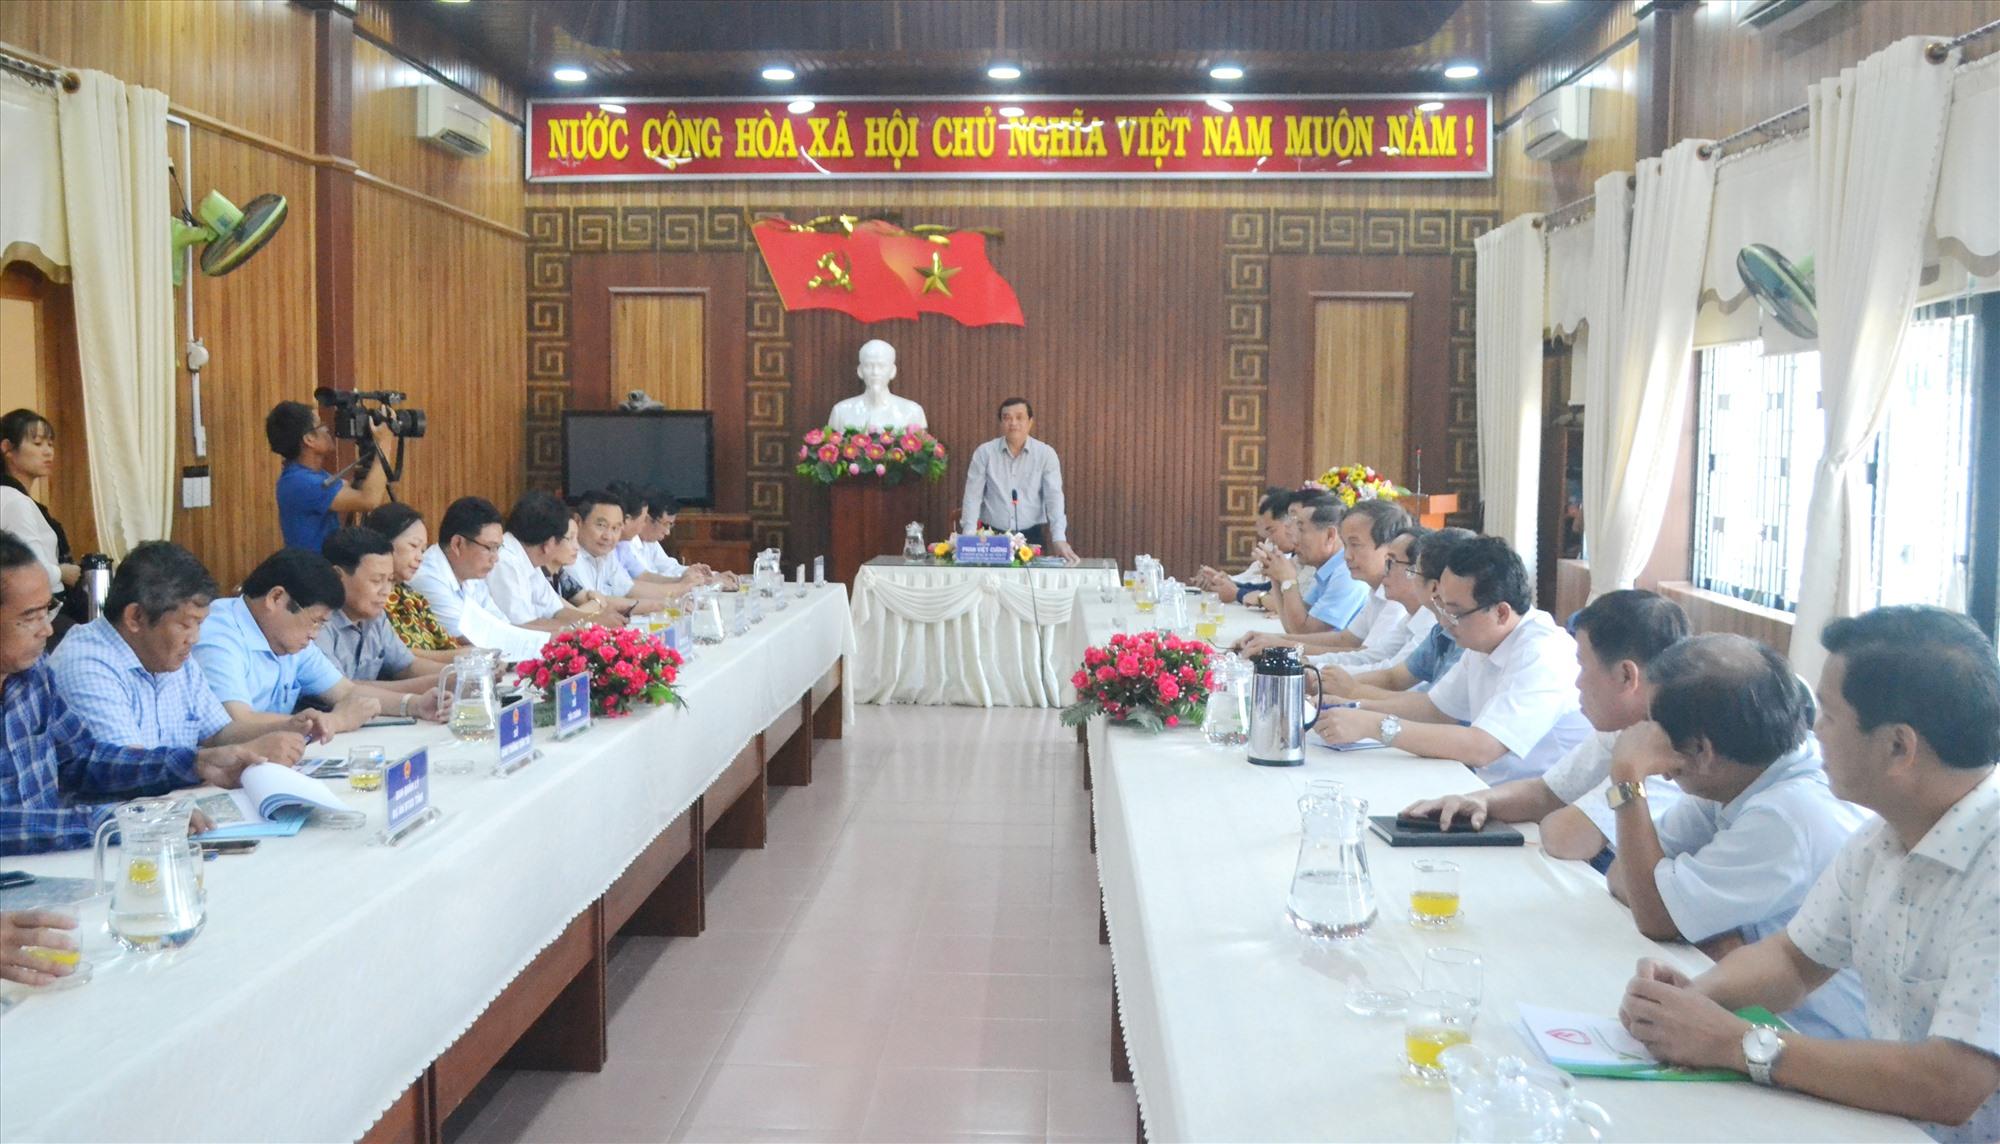 Bí thư Tỉnh ủy Phan Việt Cường yêu cầu các địa phương quản lý chặt chẽ hiện trạng. Ảnh: CT